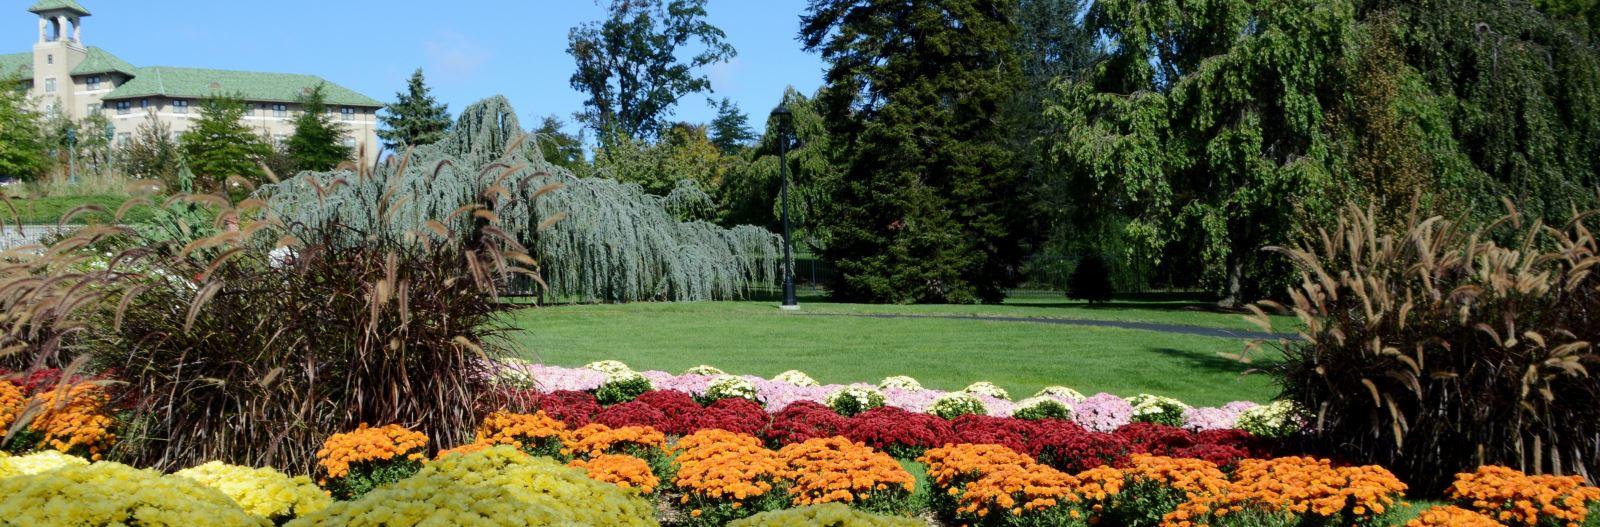 Flower Garden Conservatory Childrens Garden In Hershey Pa